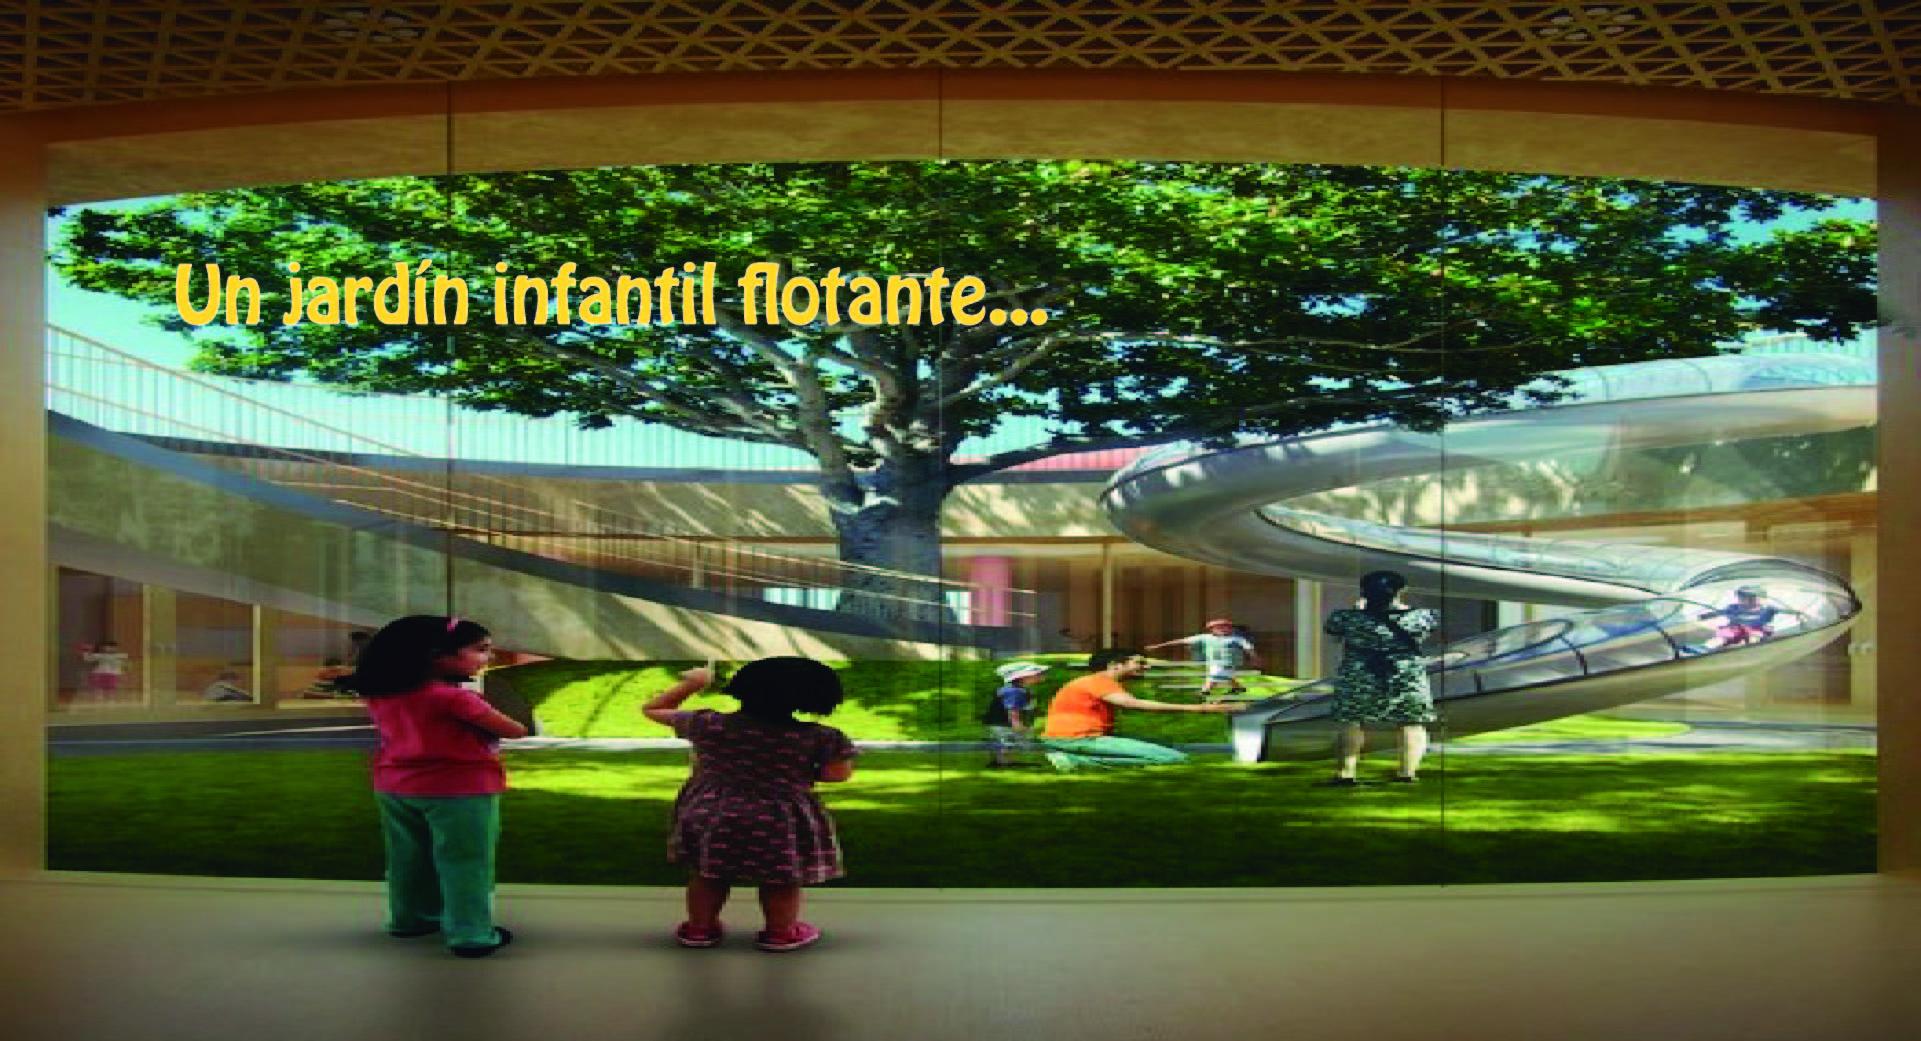 MAD Architects comienza construcción de jardín infantil flotante sobre un patio histórico en Beijing